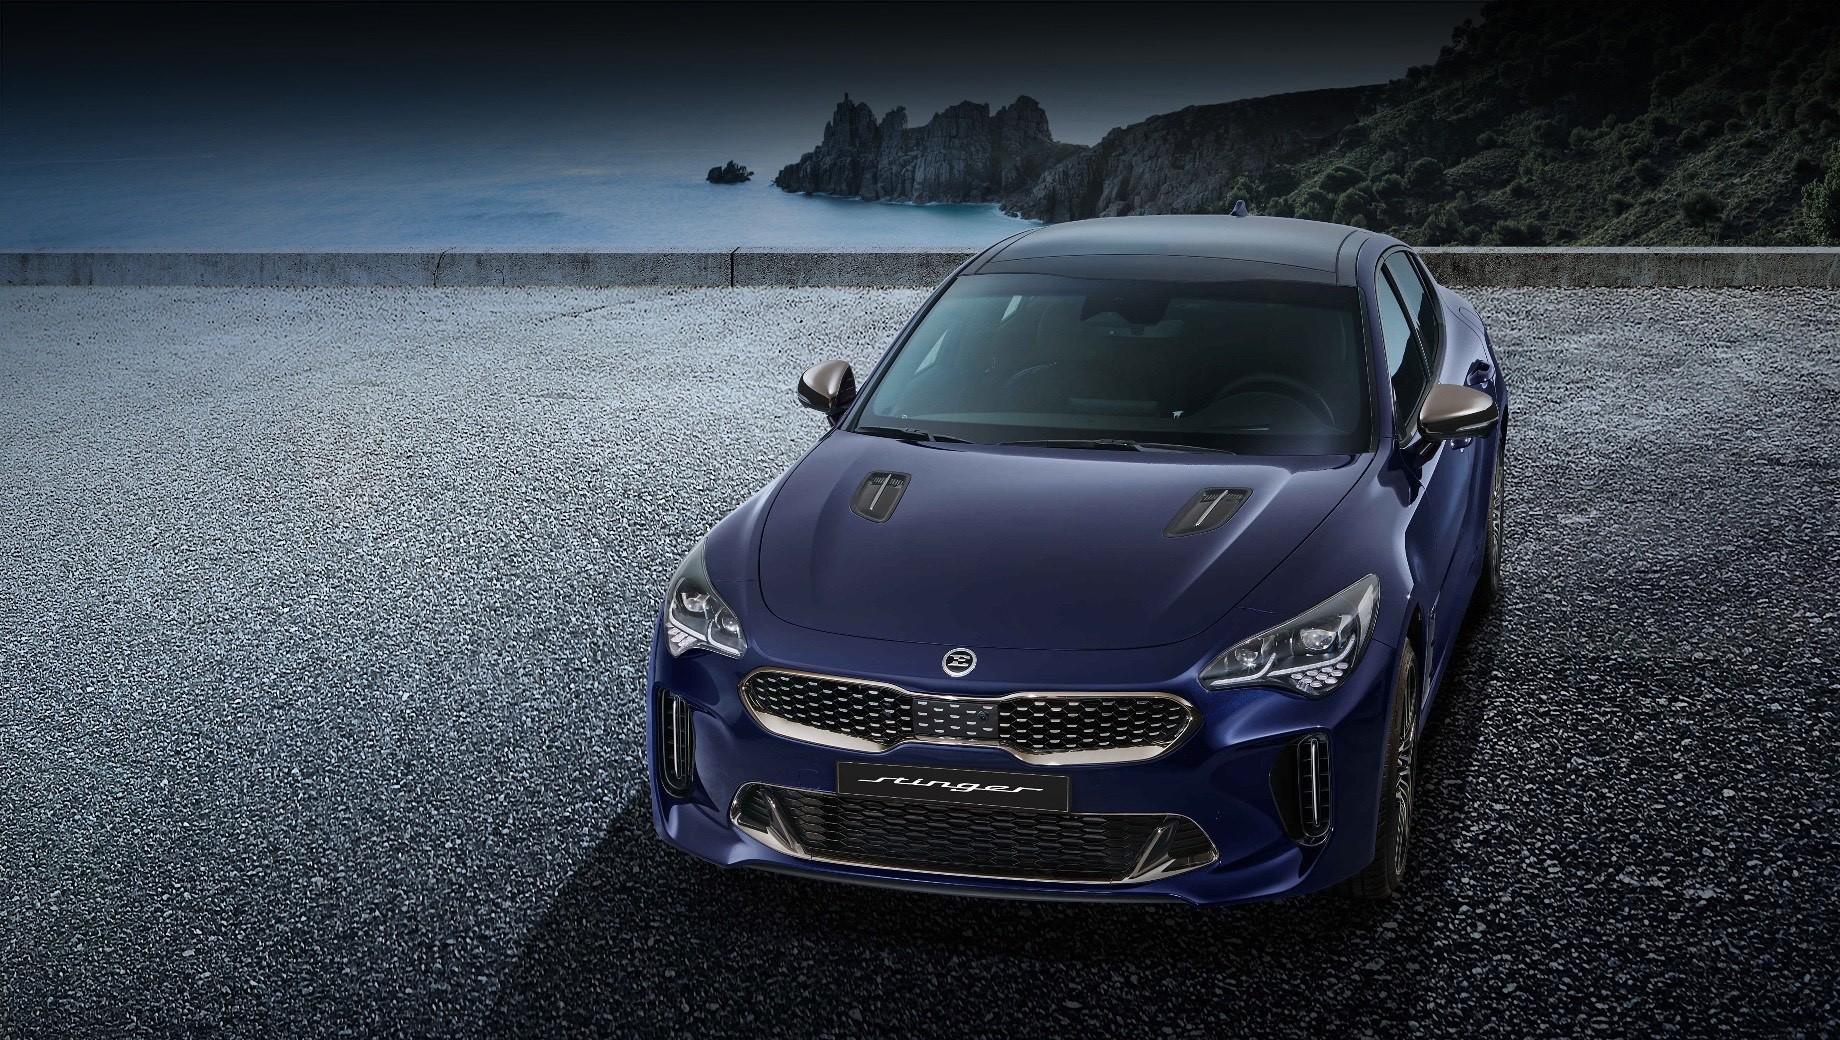 Kia stinger,Kia stinger gt. В Южной Корее модернизированный Stinger начнут продавать в третьем квартале 2020-го. А пока мы наблюдаем рост спроса на основном для модели рынке — в США. Если за первые четыре месяца этого года американцы купили 3431 автомобиль, то за май, июнь и июль — уже 4347 штук.